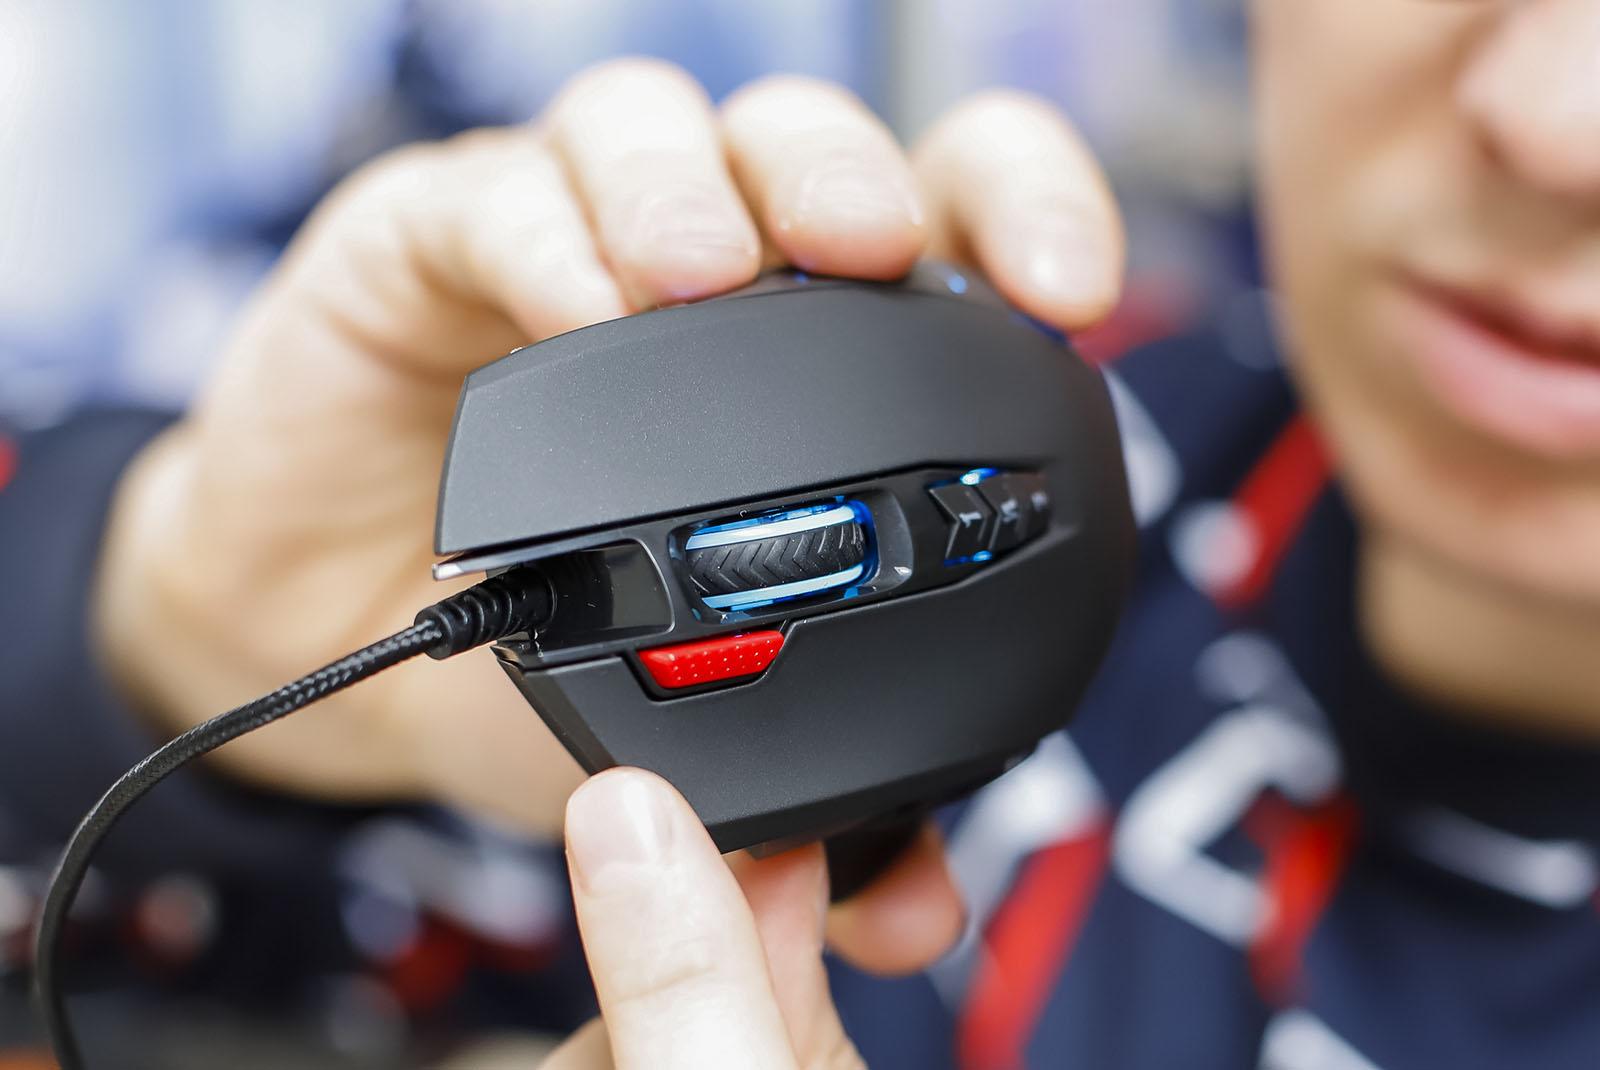 Обзор A4 Tech J95 Bloody: геймерская мышь для шутеров